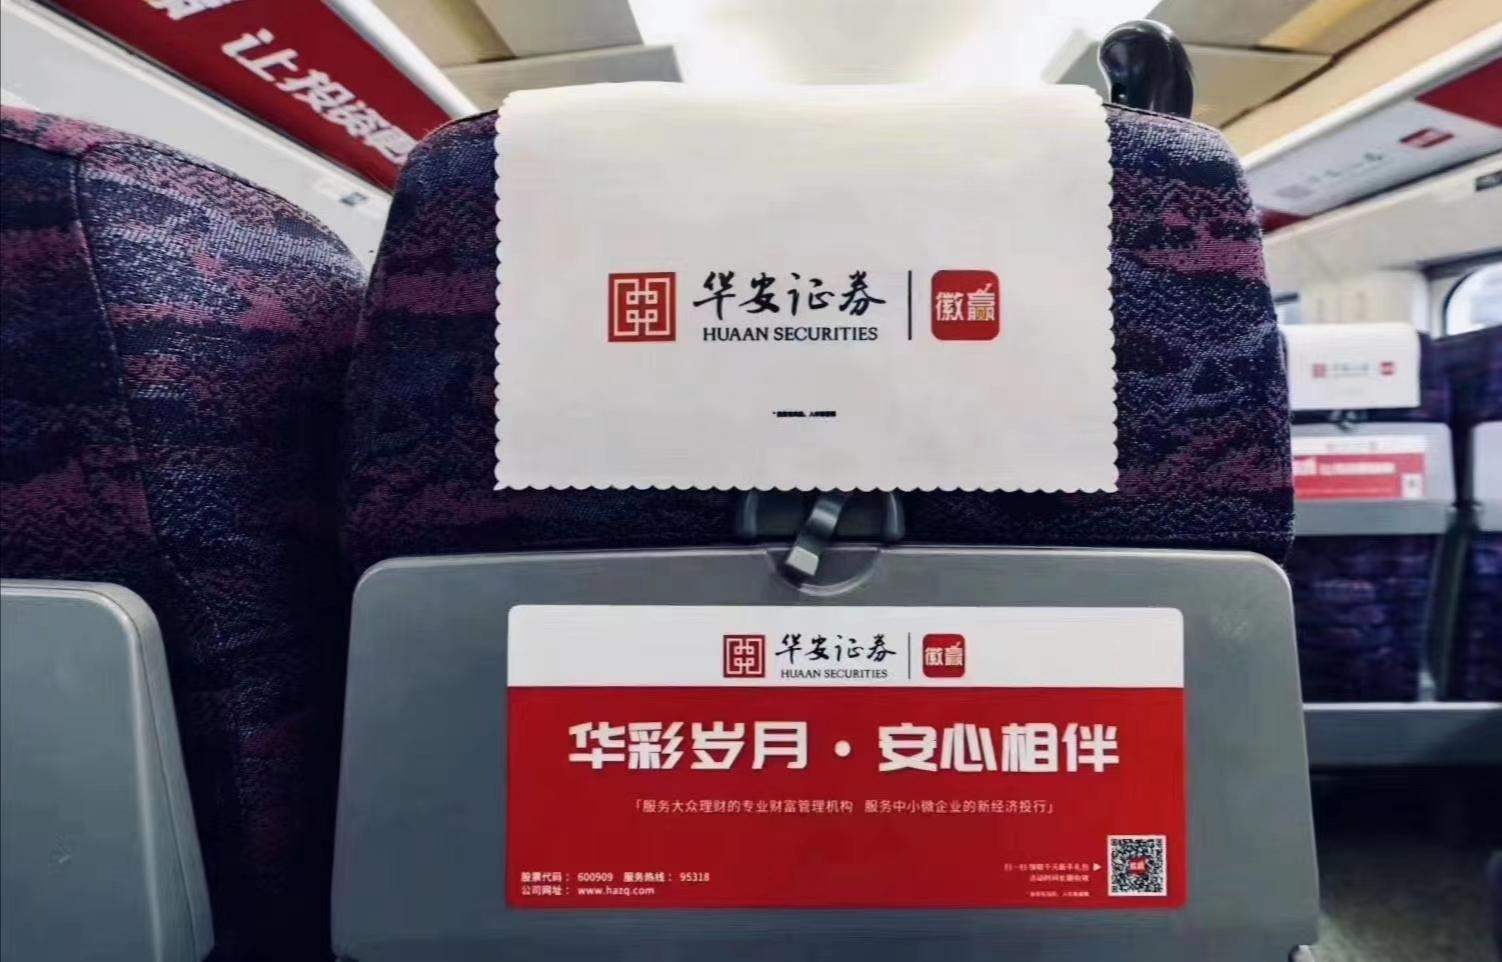 高铁广告|高铁媒体|品牌推广|品牌营销